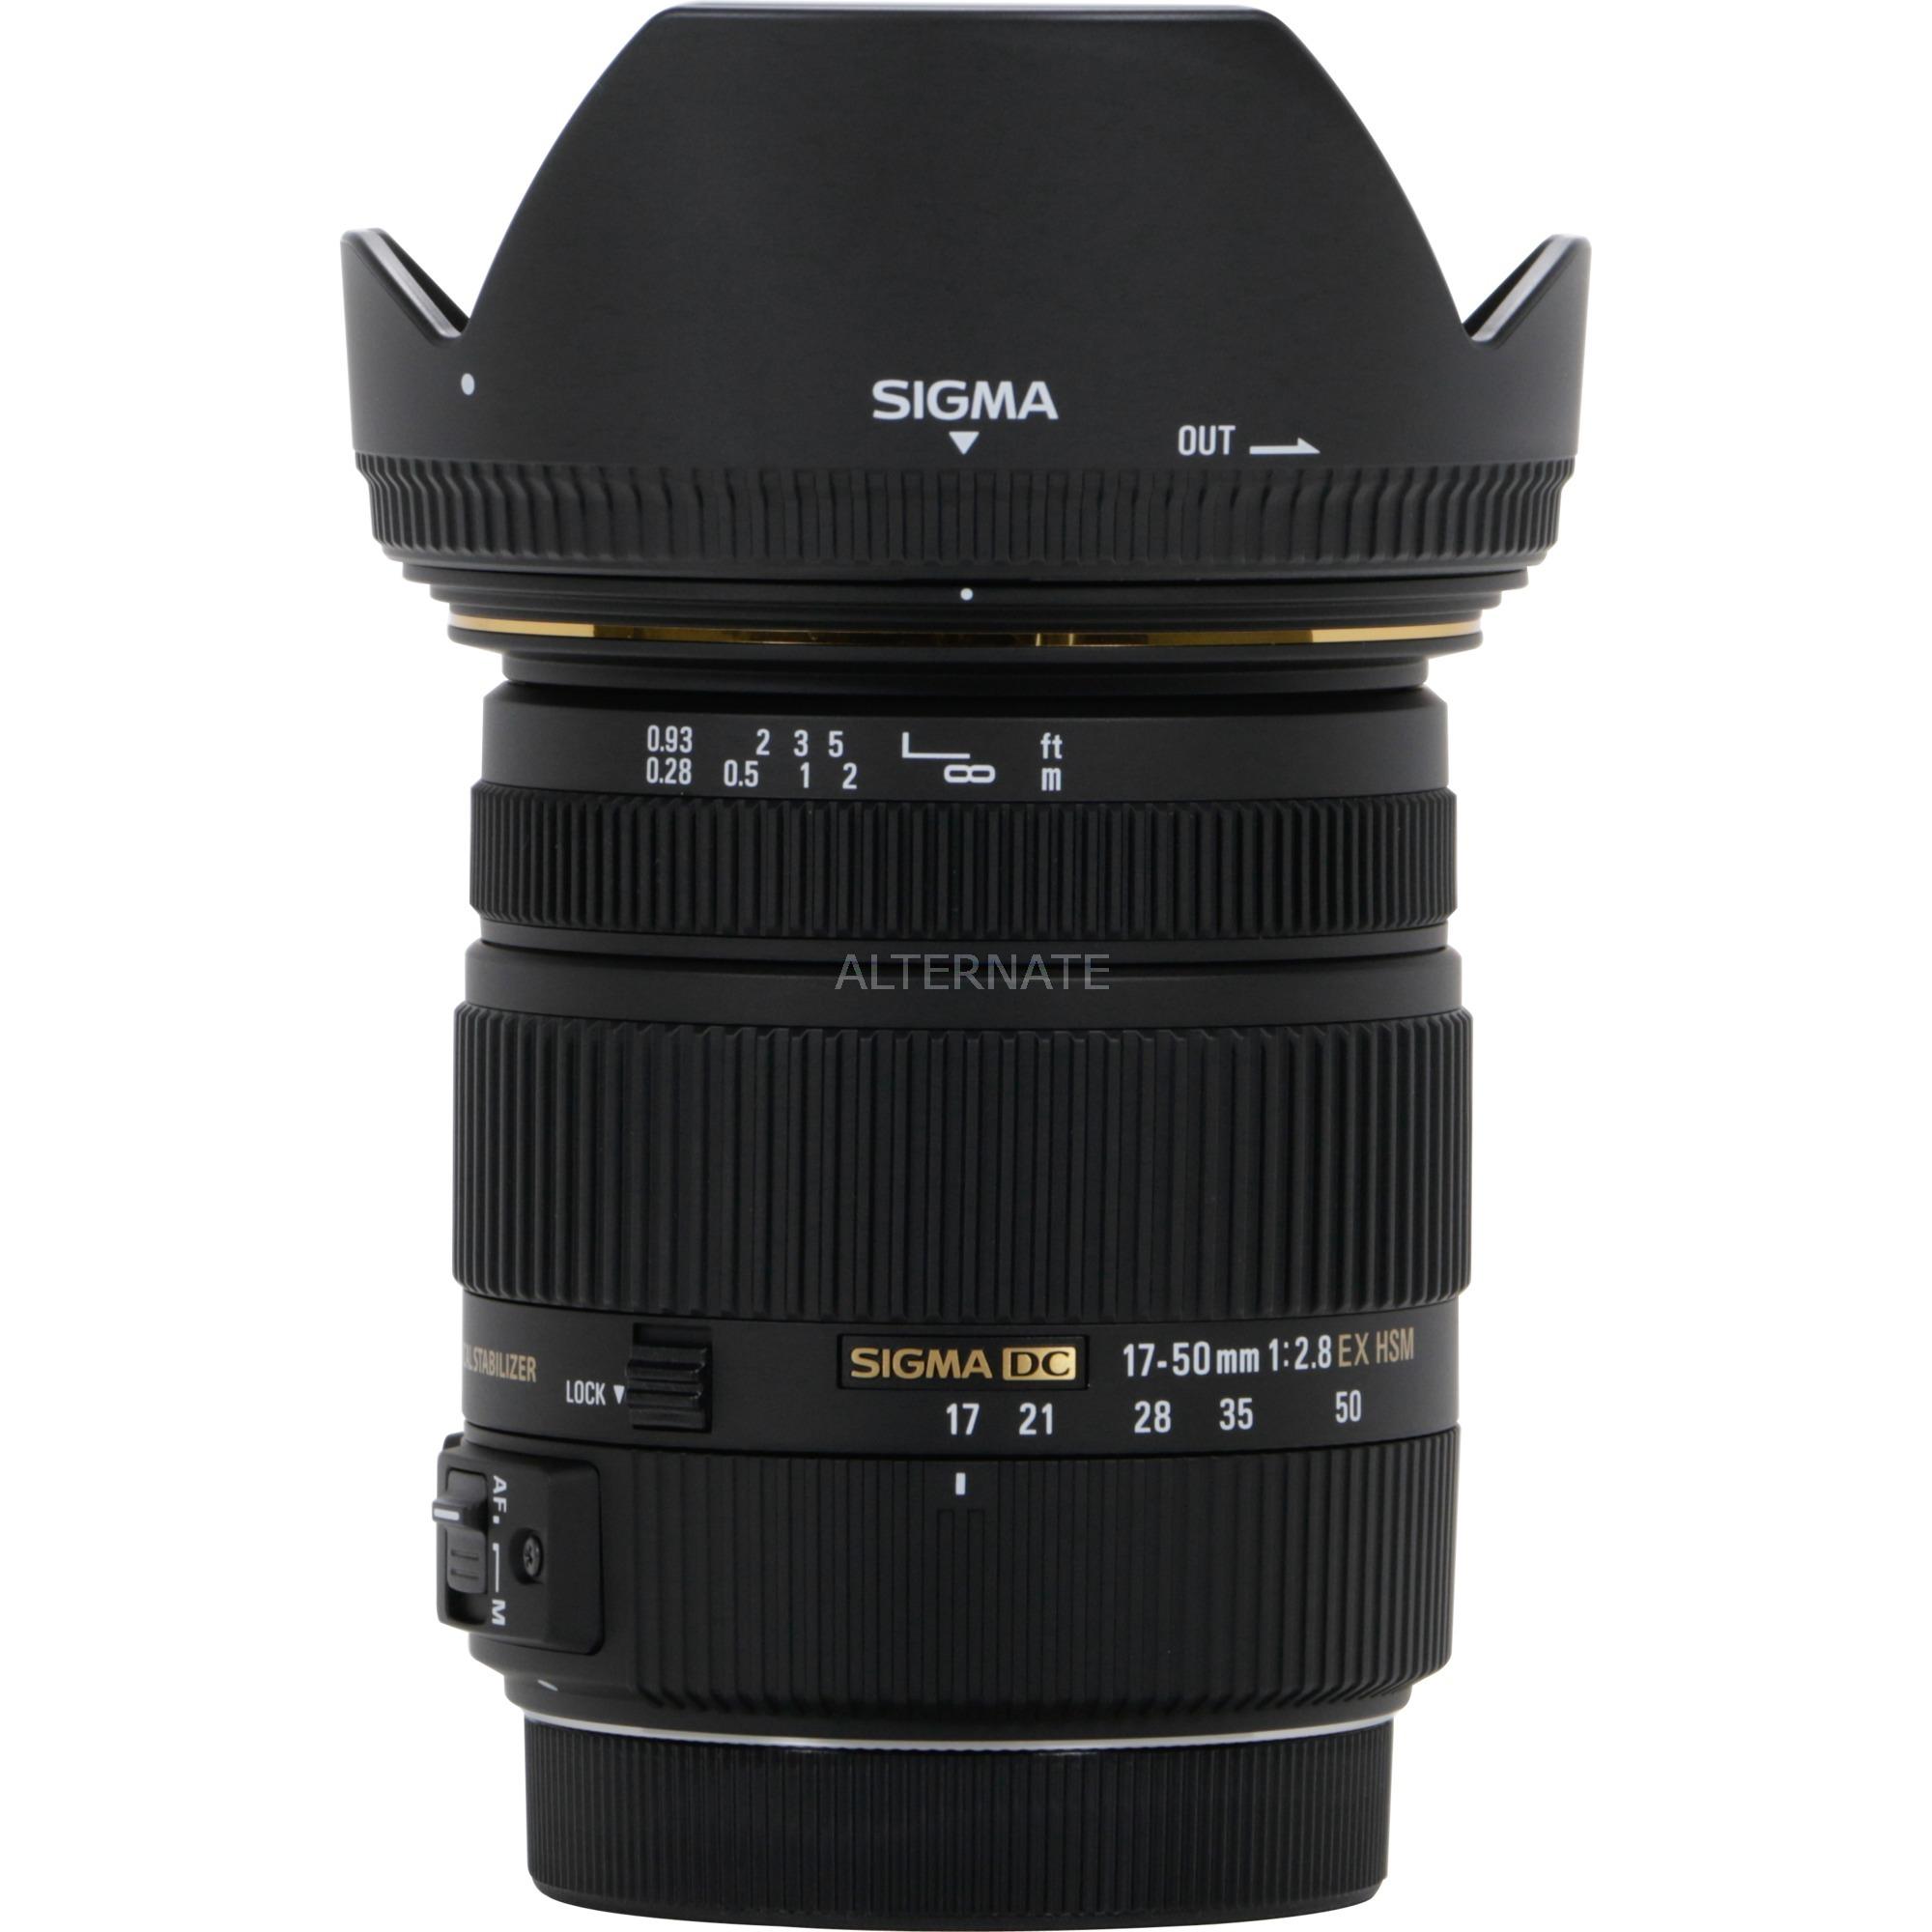 17-50mm F2.8 EX DC OS HSM SLR Standard zoom lens Noir, Lentille